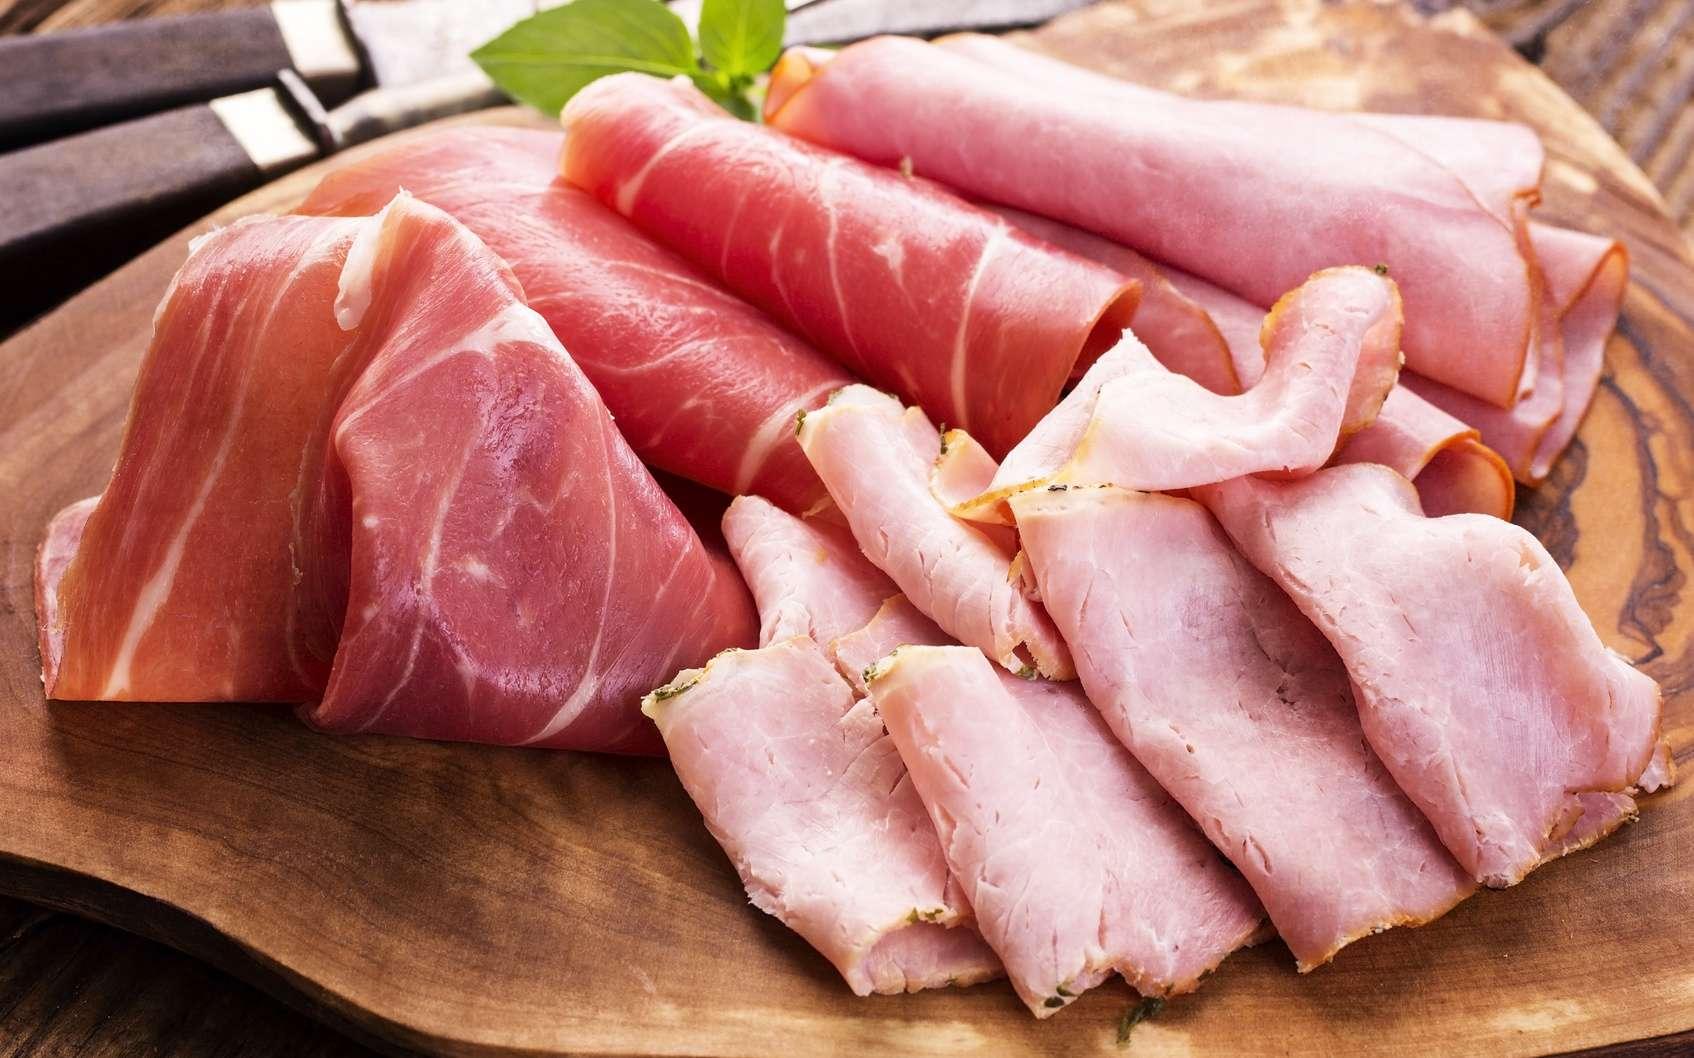 Le jambon cru est deux fois plus calorique et gras que le jambon cuit. © HLPhoto, Fotolia